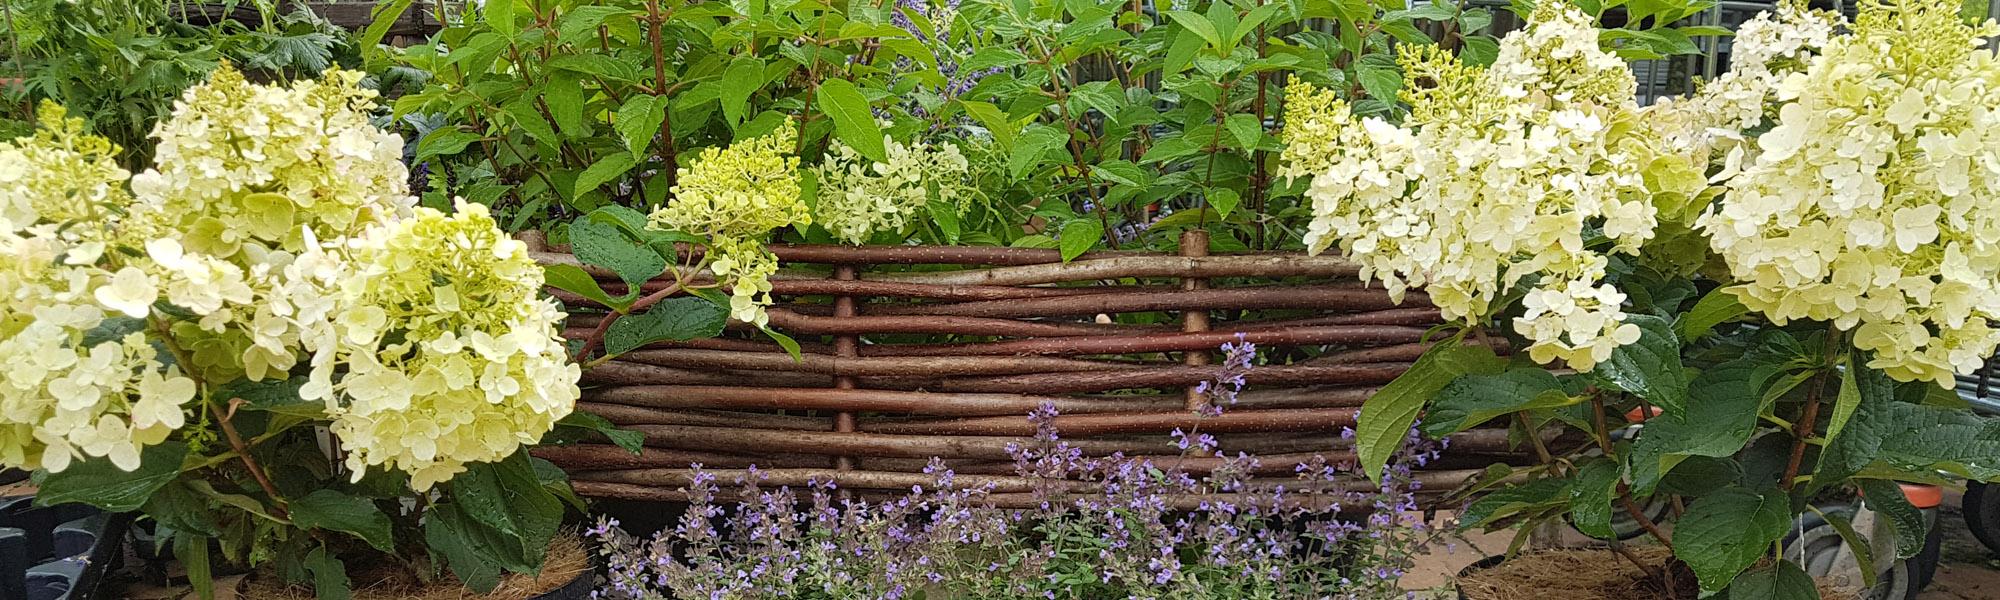 Kramer garten ambiente staketenzaun der naturzaun von kramer garten ambiente - Garten beeteinfassung ...